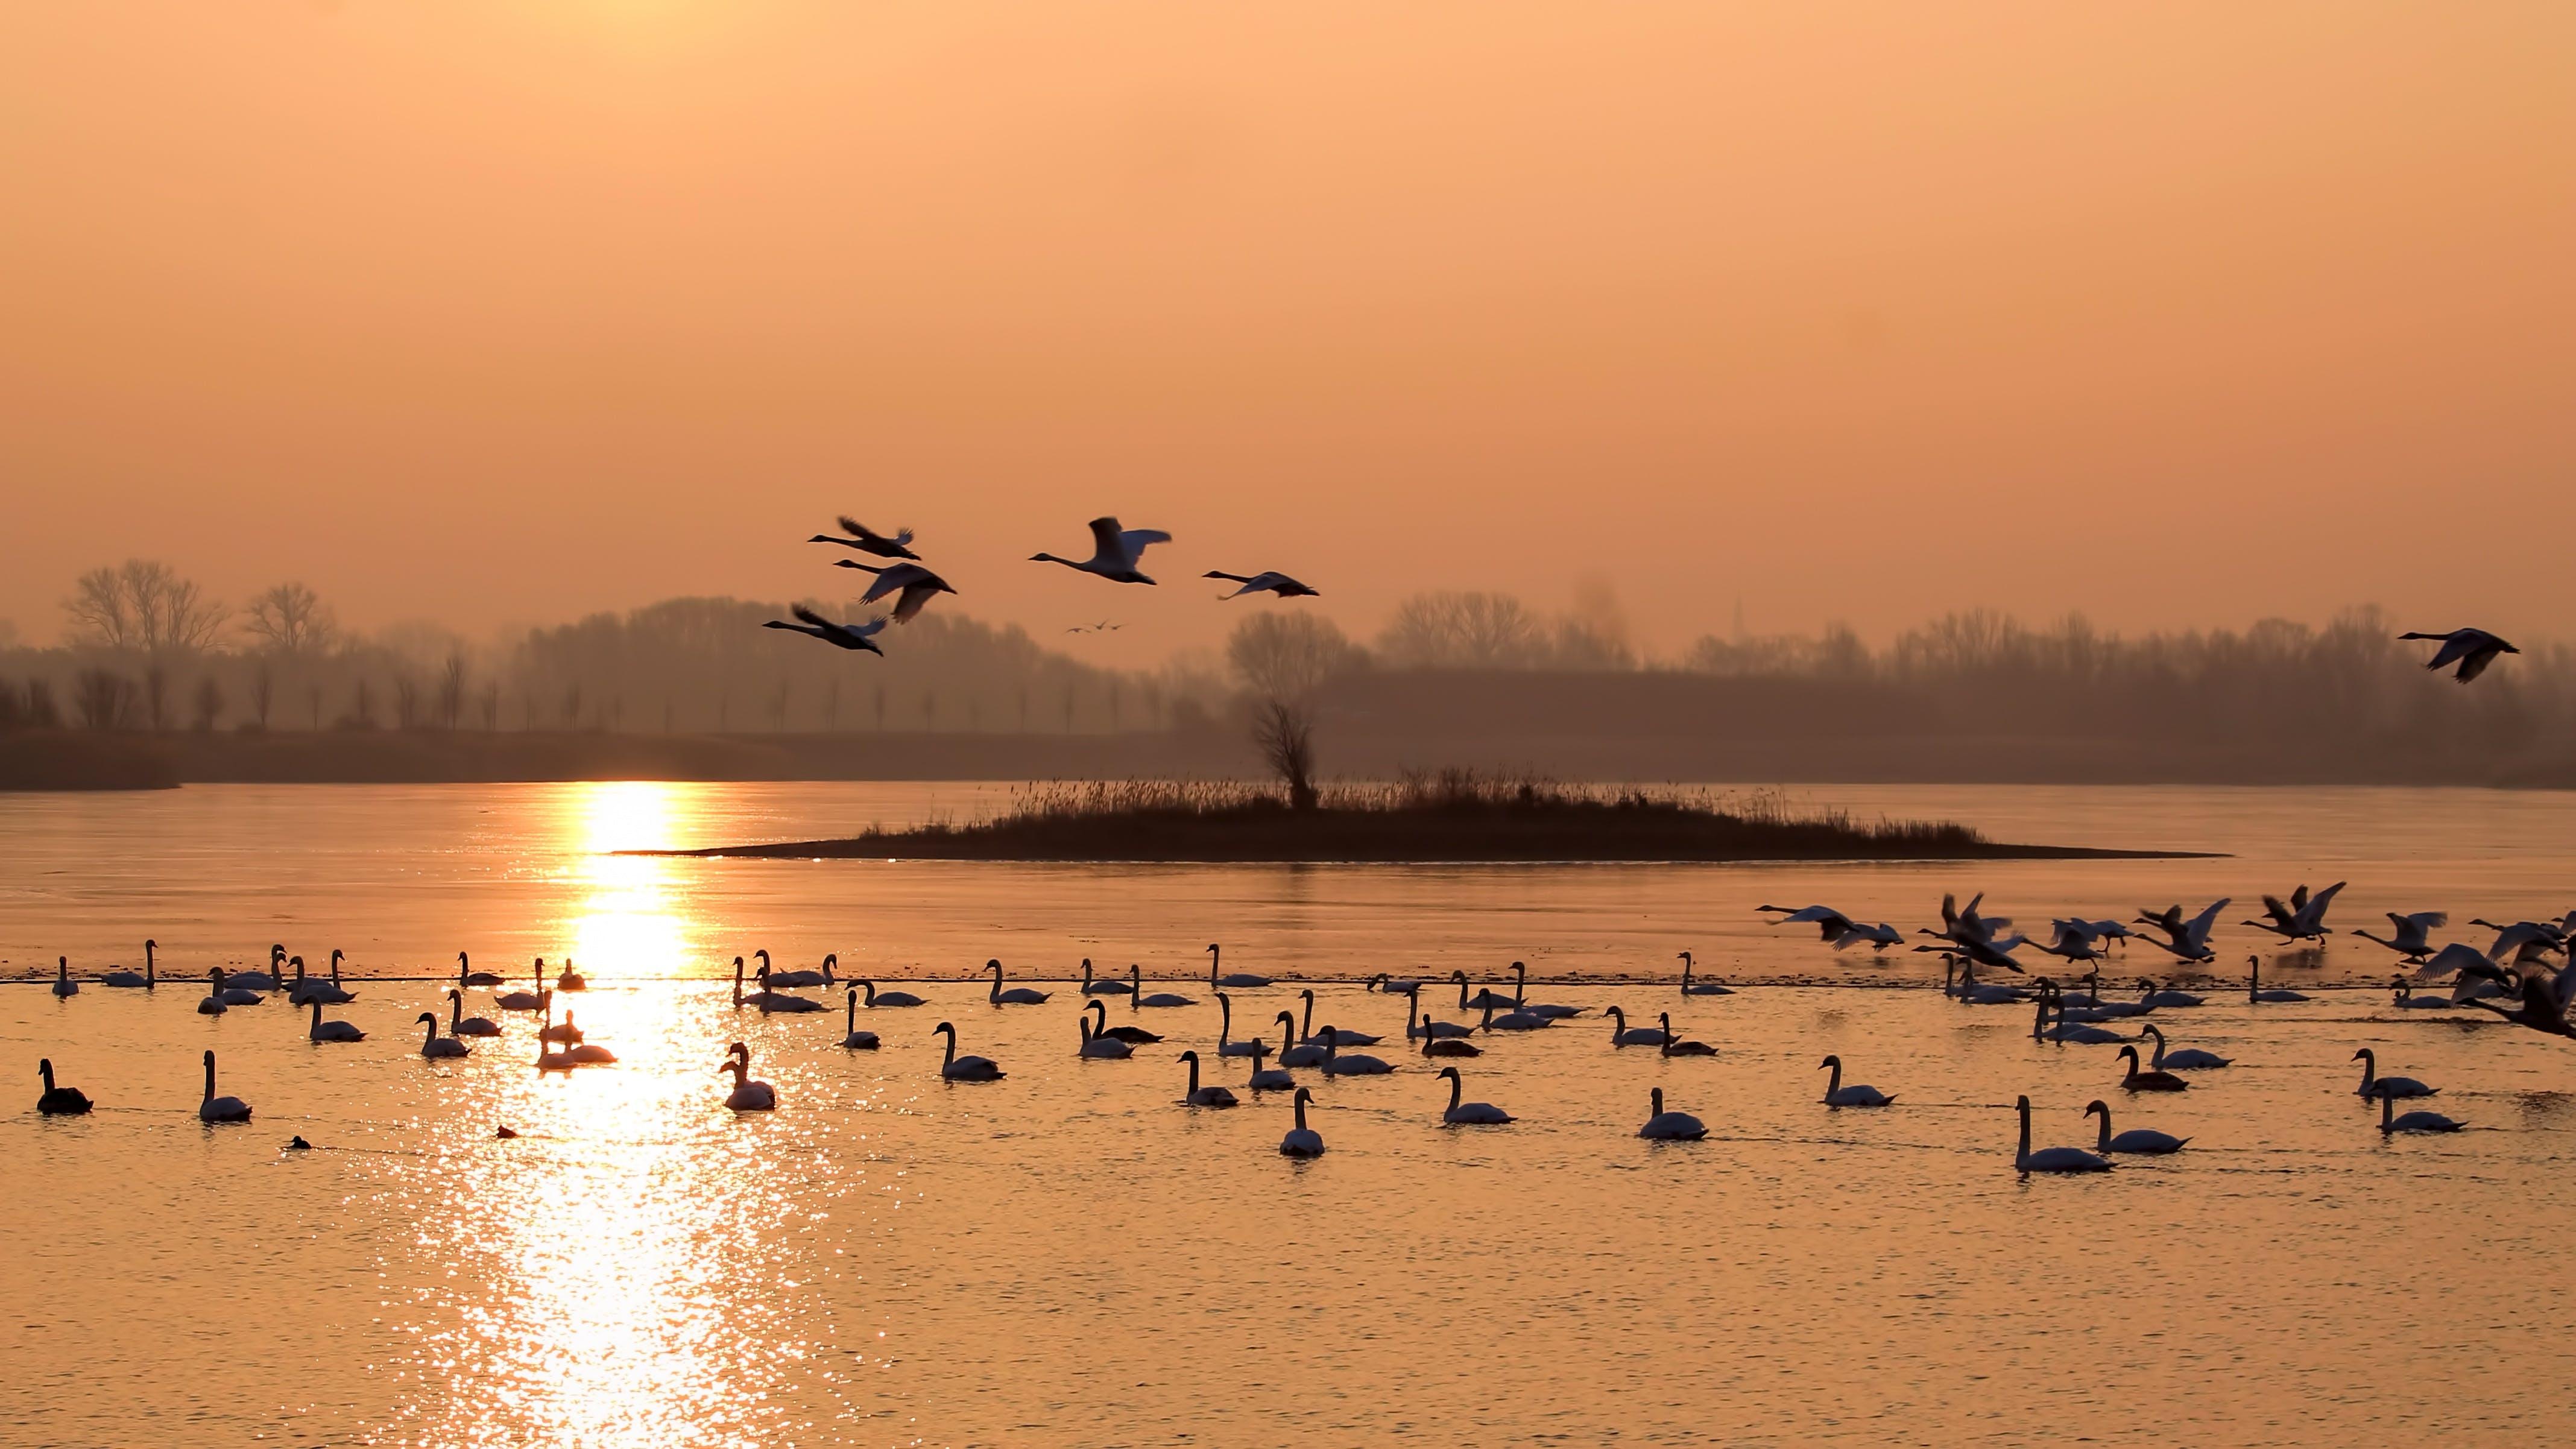 Kostenloses Stock Foto zu landschaft, morgensonne, reflektierung, schwäne